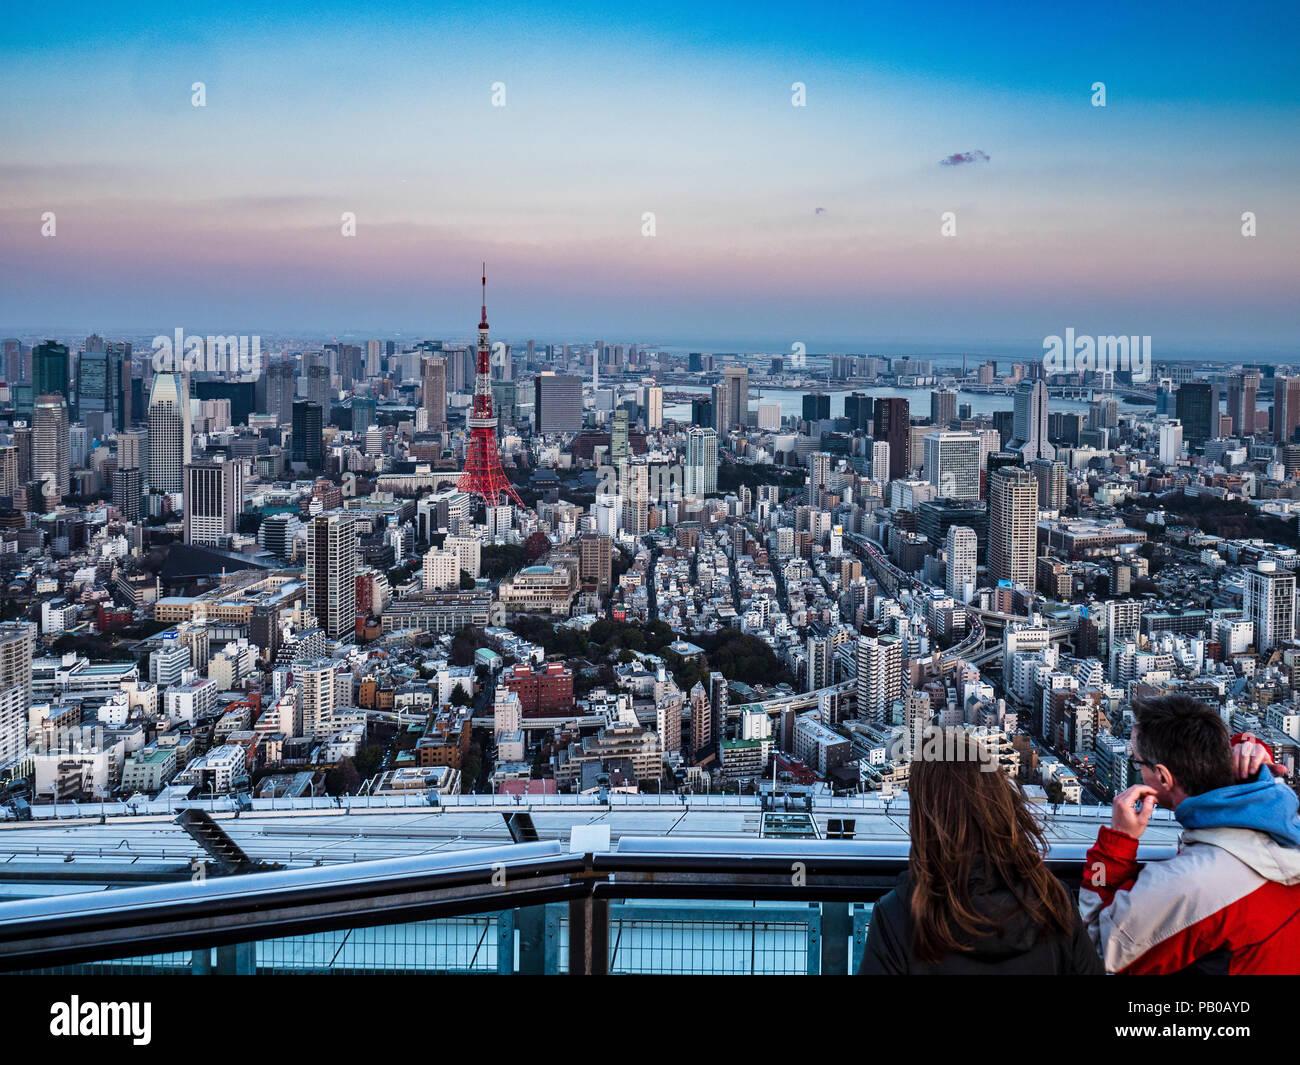 Turismo de Tokio Tokio Skyline horizonte de Tokio Tokio Twilight - Turistas ver Tokio al anochecer, incluyendo la Torre de Tokio Imagen De Stock